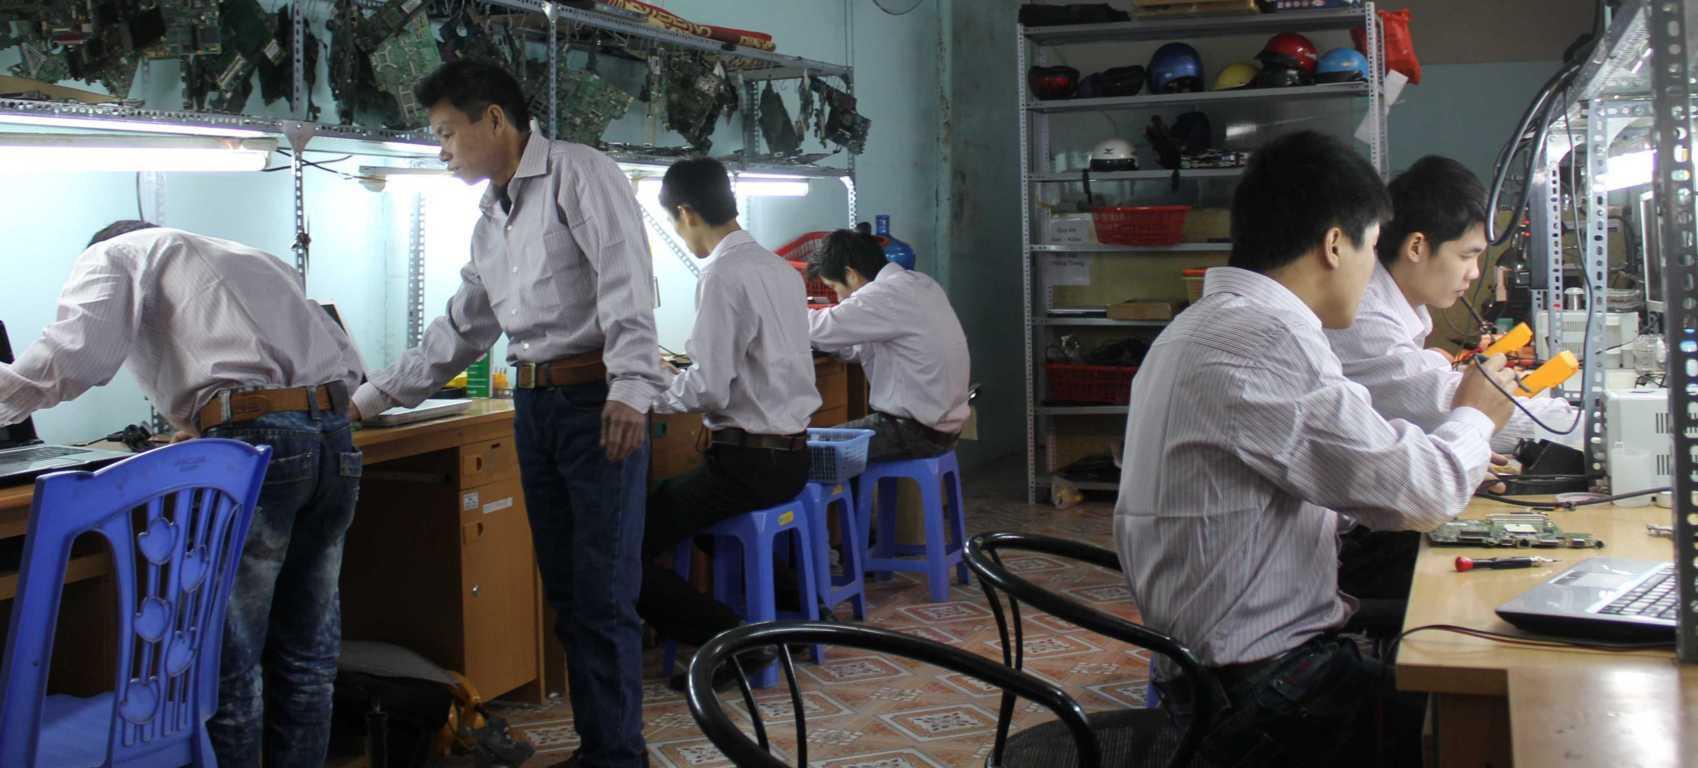 Sửa đầu karaoke tại Hà Nội